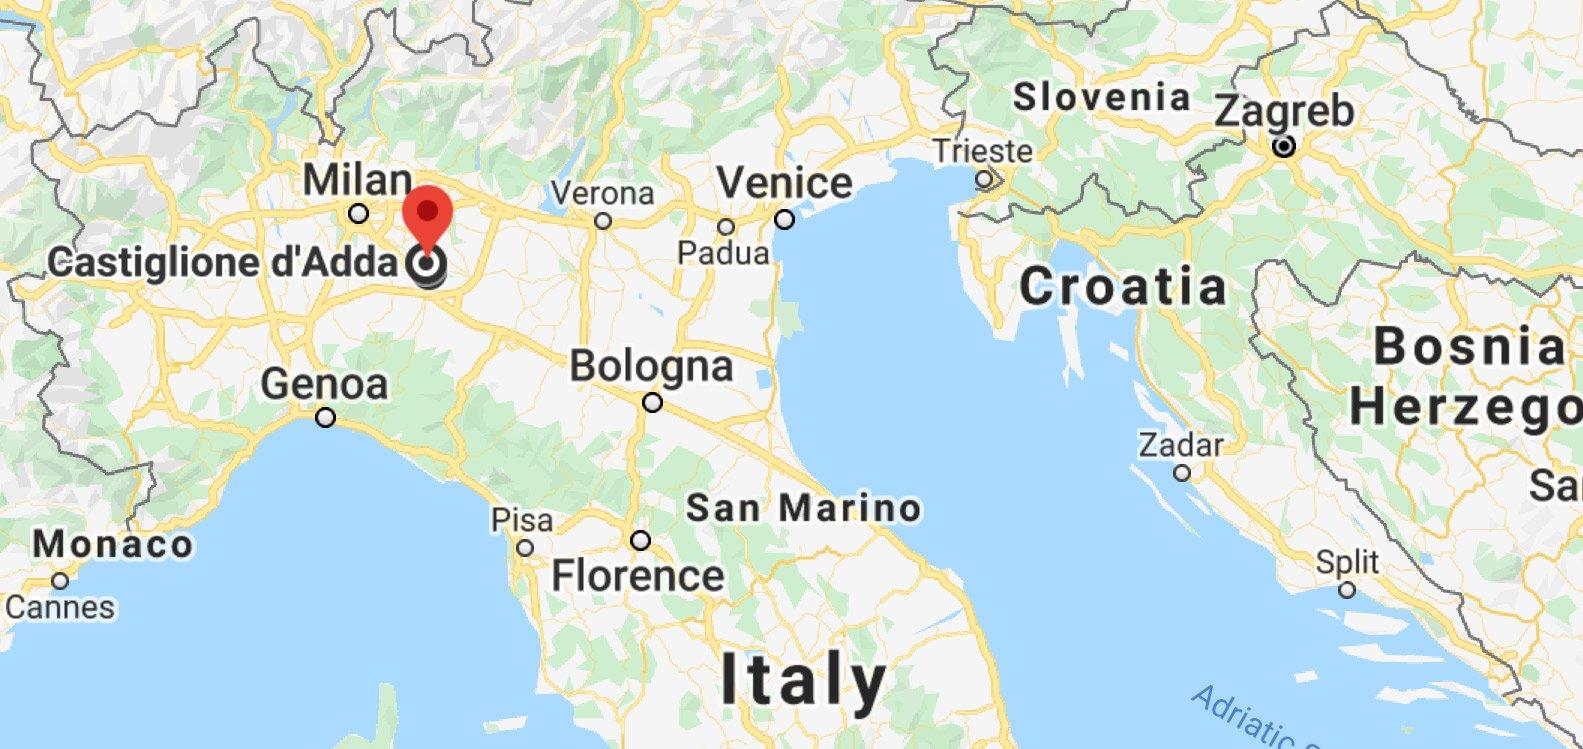 Pročitajte više o članku Ministarstvo znanosti i obrazovanja preporučilo otkazivanje svih školskih putovanja u Italiju zbog koronavirusa